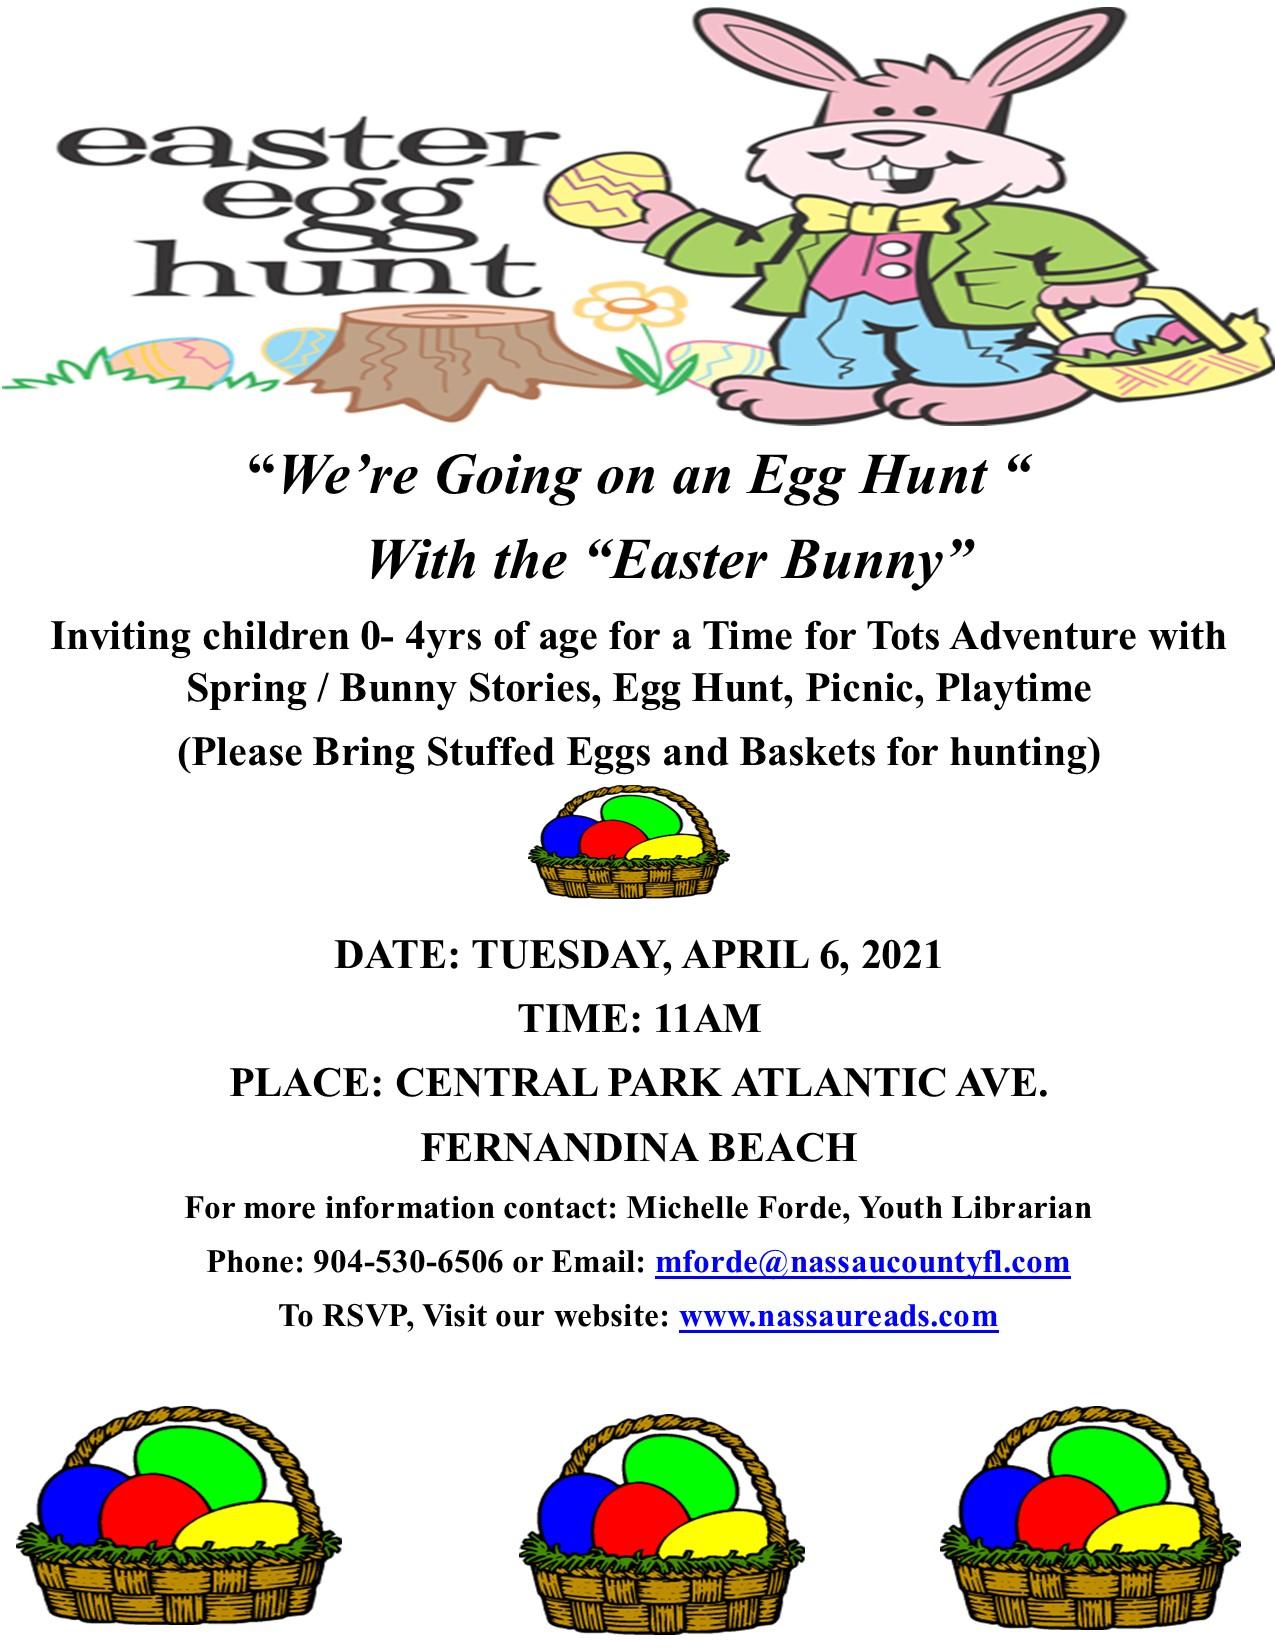 Fernandina Beach Easter Egg Hunt on April 6